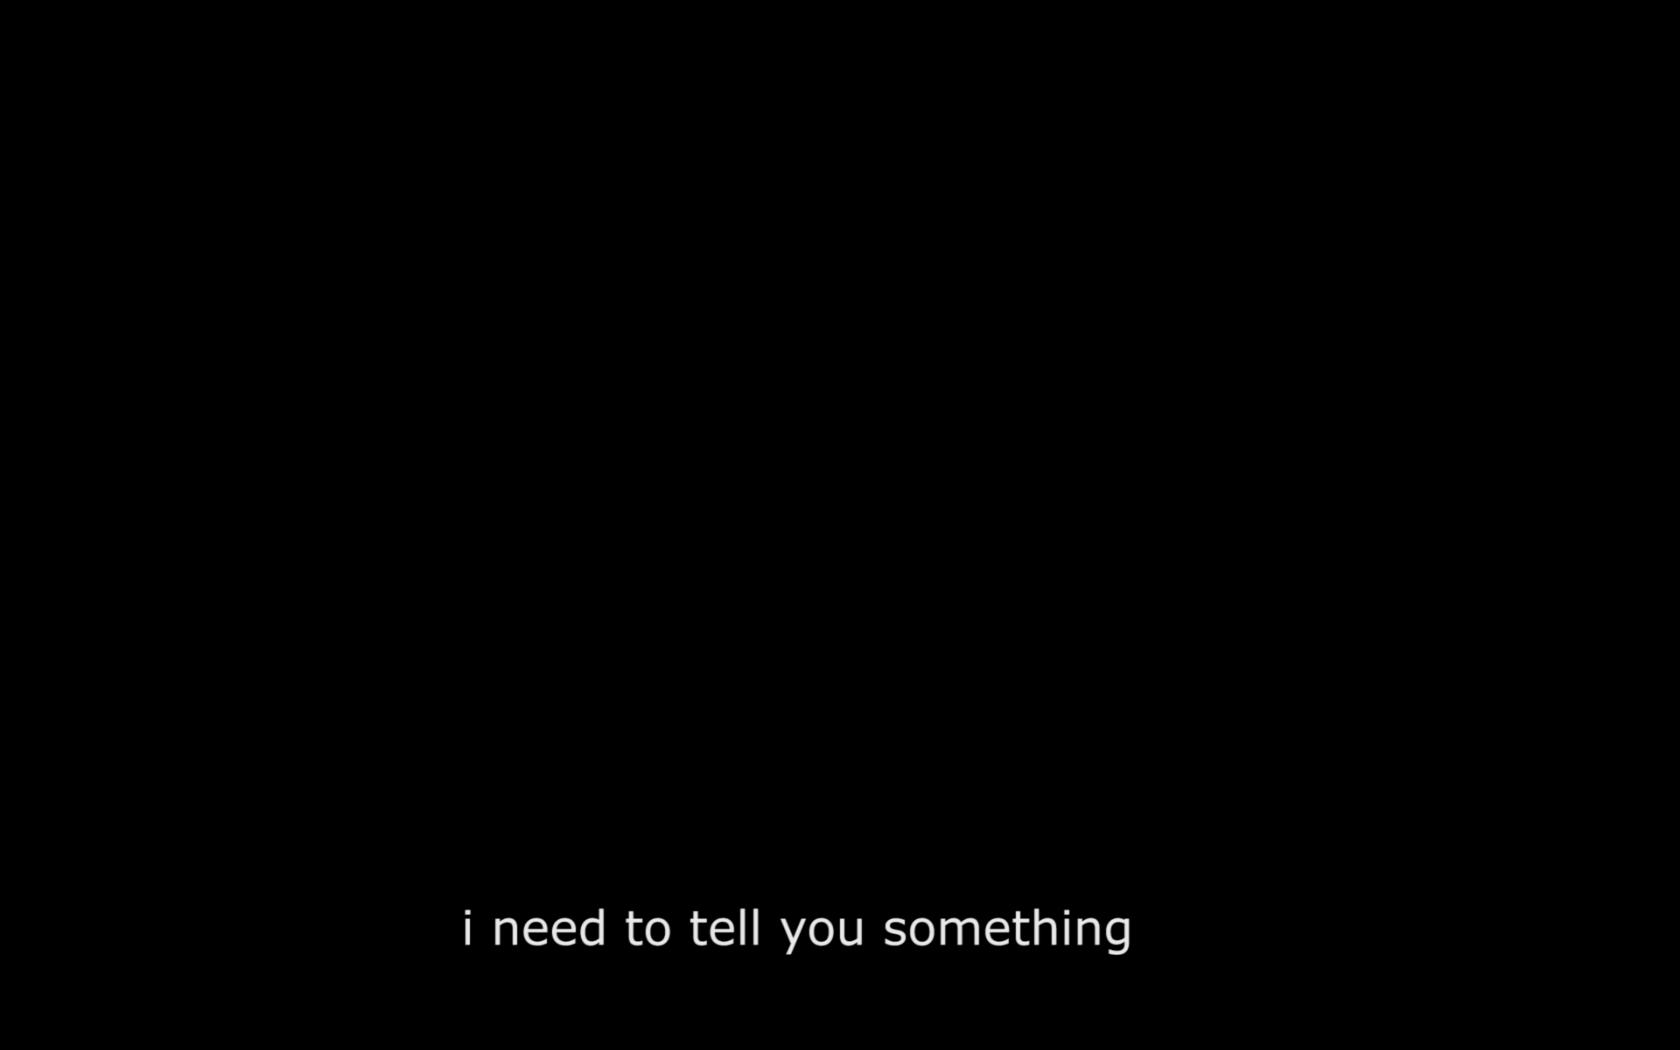 Screen Shot 2018-10-08 at 9.00.59 PM.png